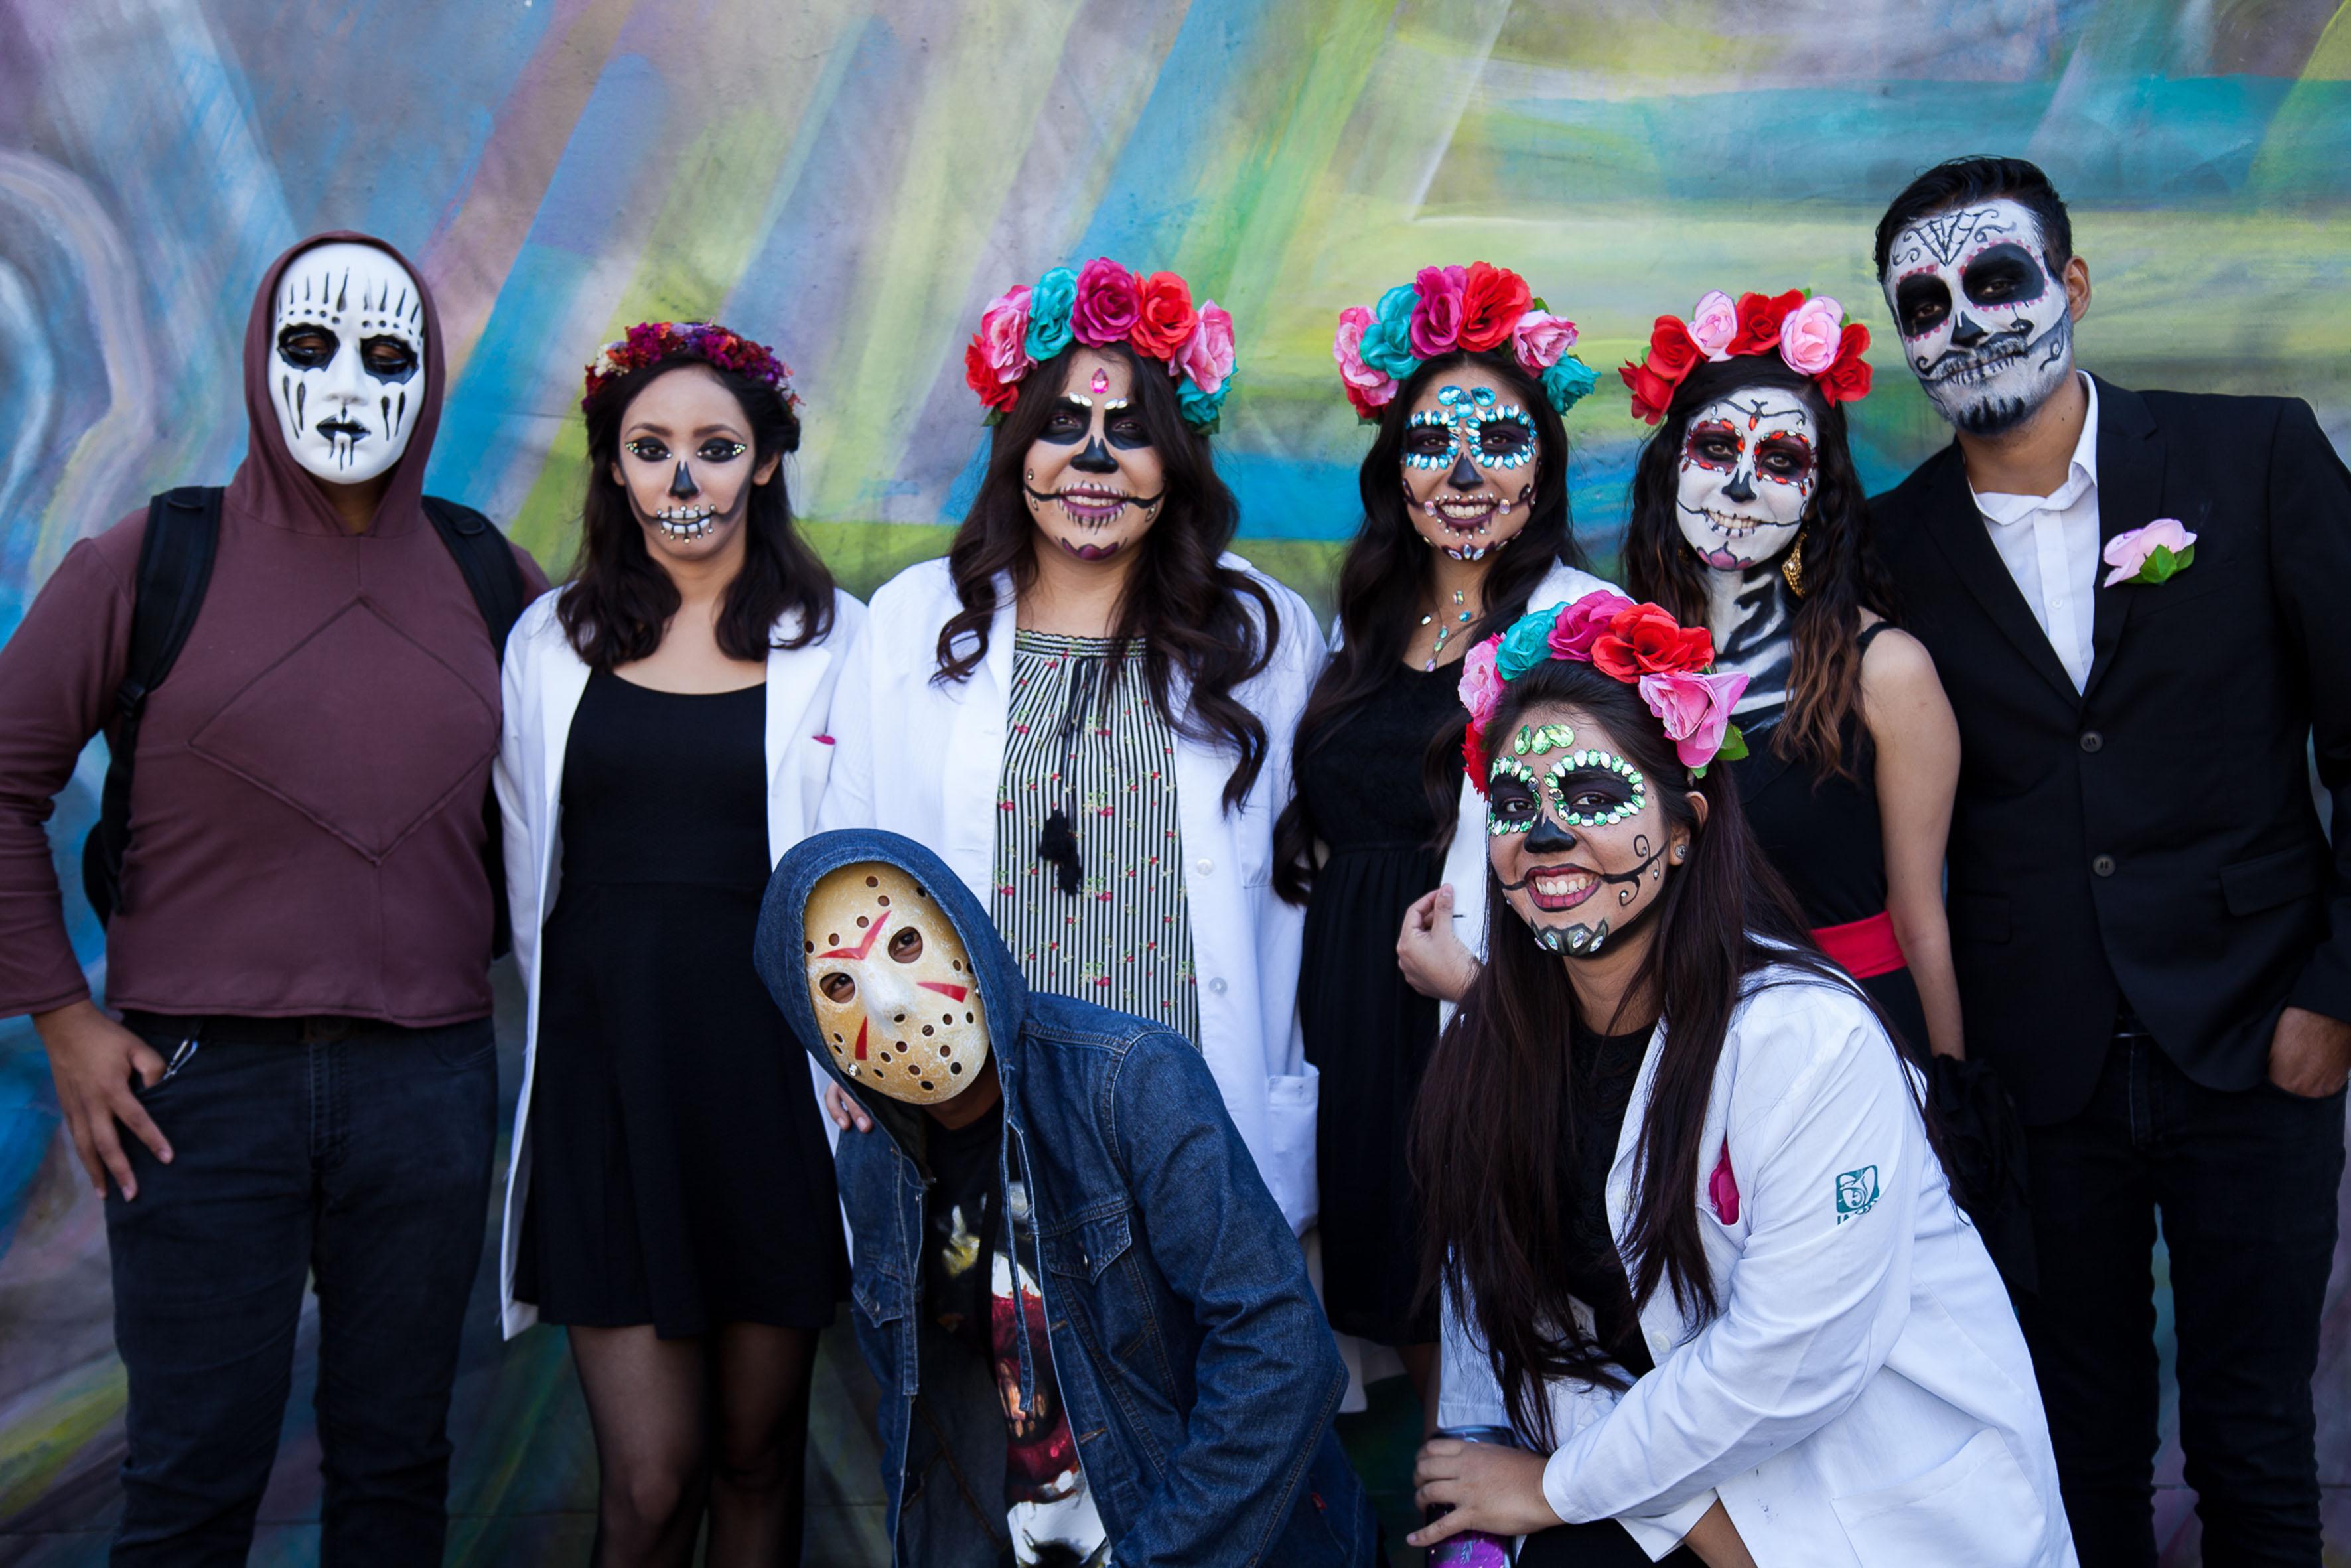 Brujas, monstruos y personajes de películas de terror y caricaturas se dieron cita en la Rambla Cataluña para celebrar una edición más del Aquelarre, organizado por estudiantes de la licenciatura en Química del Centro Universitario de Ciencias Exactas e Ingenierías (CUCEI), de la Universidad de Guadalajara (UdeG).